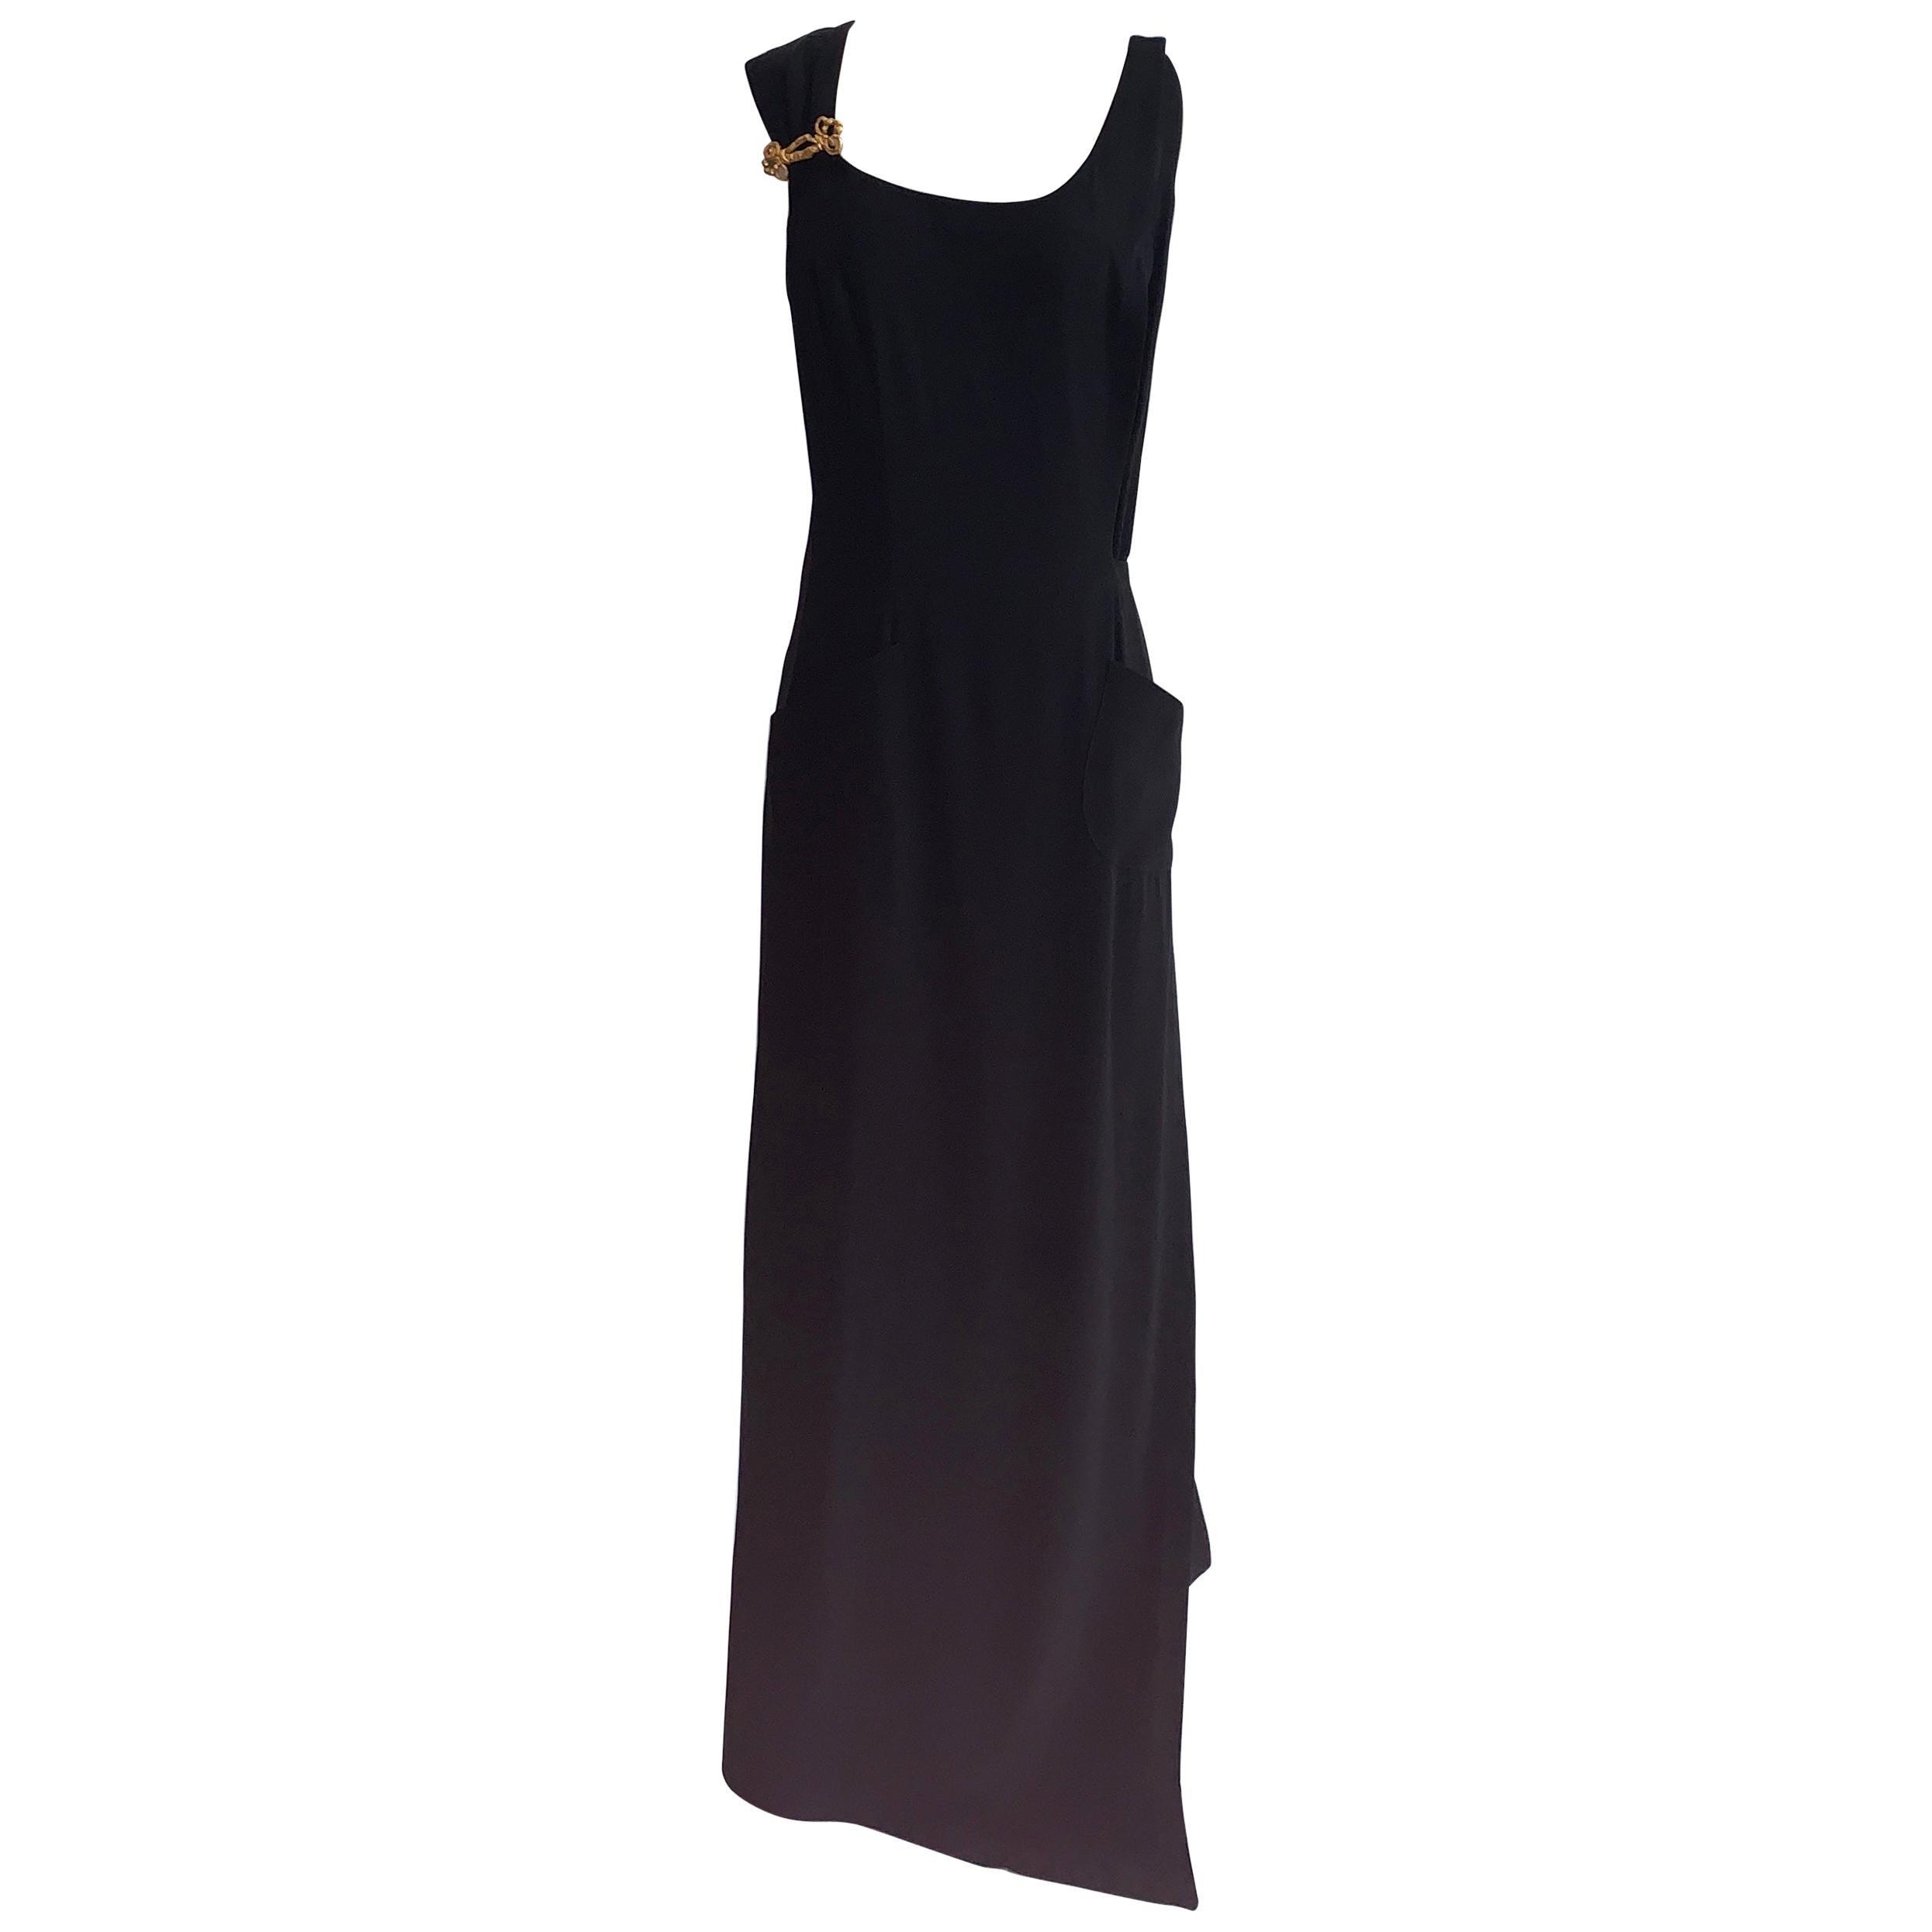 Christian Lacroix 1990s Black Gold Accent Pocket Front Maxi Wrap Dress Gown